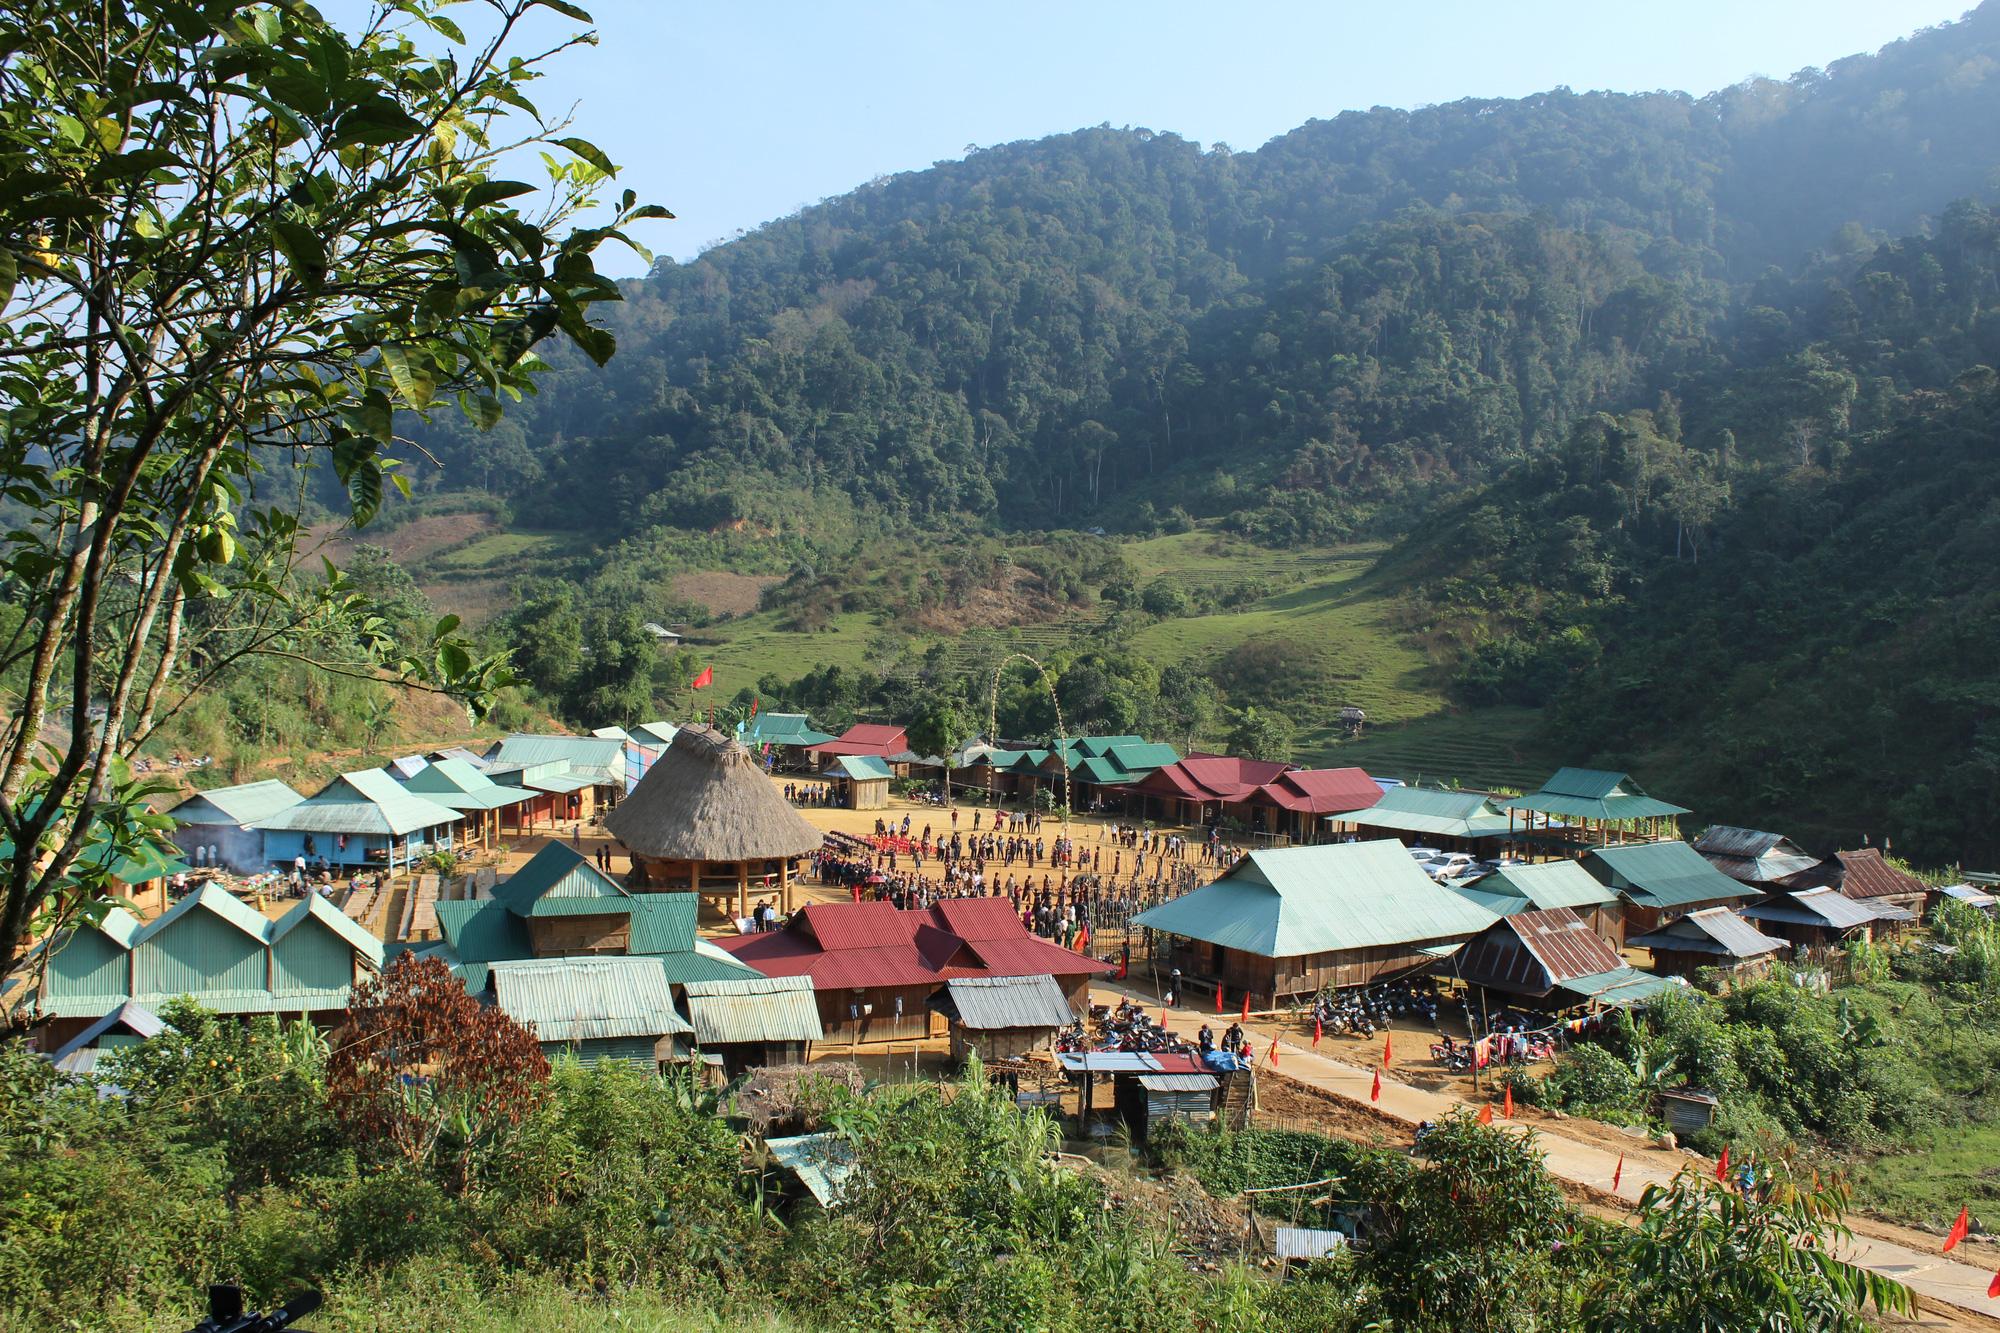 """Quảng Nam: Nằm giữa đại ngàn làng """"tự cung, tự cấp"""" vẫn sống khỏe - Ảnh 2."""